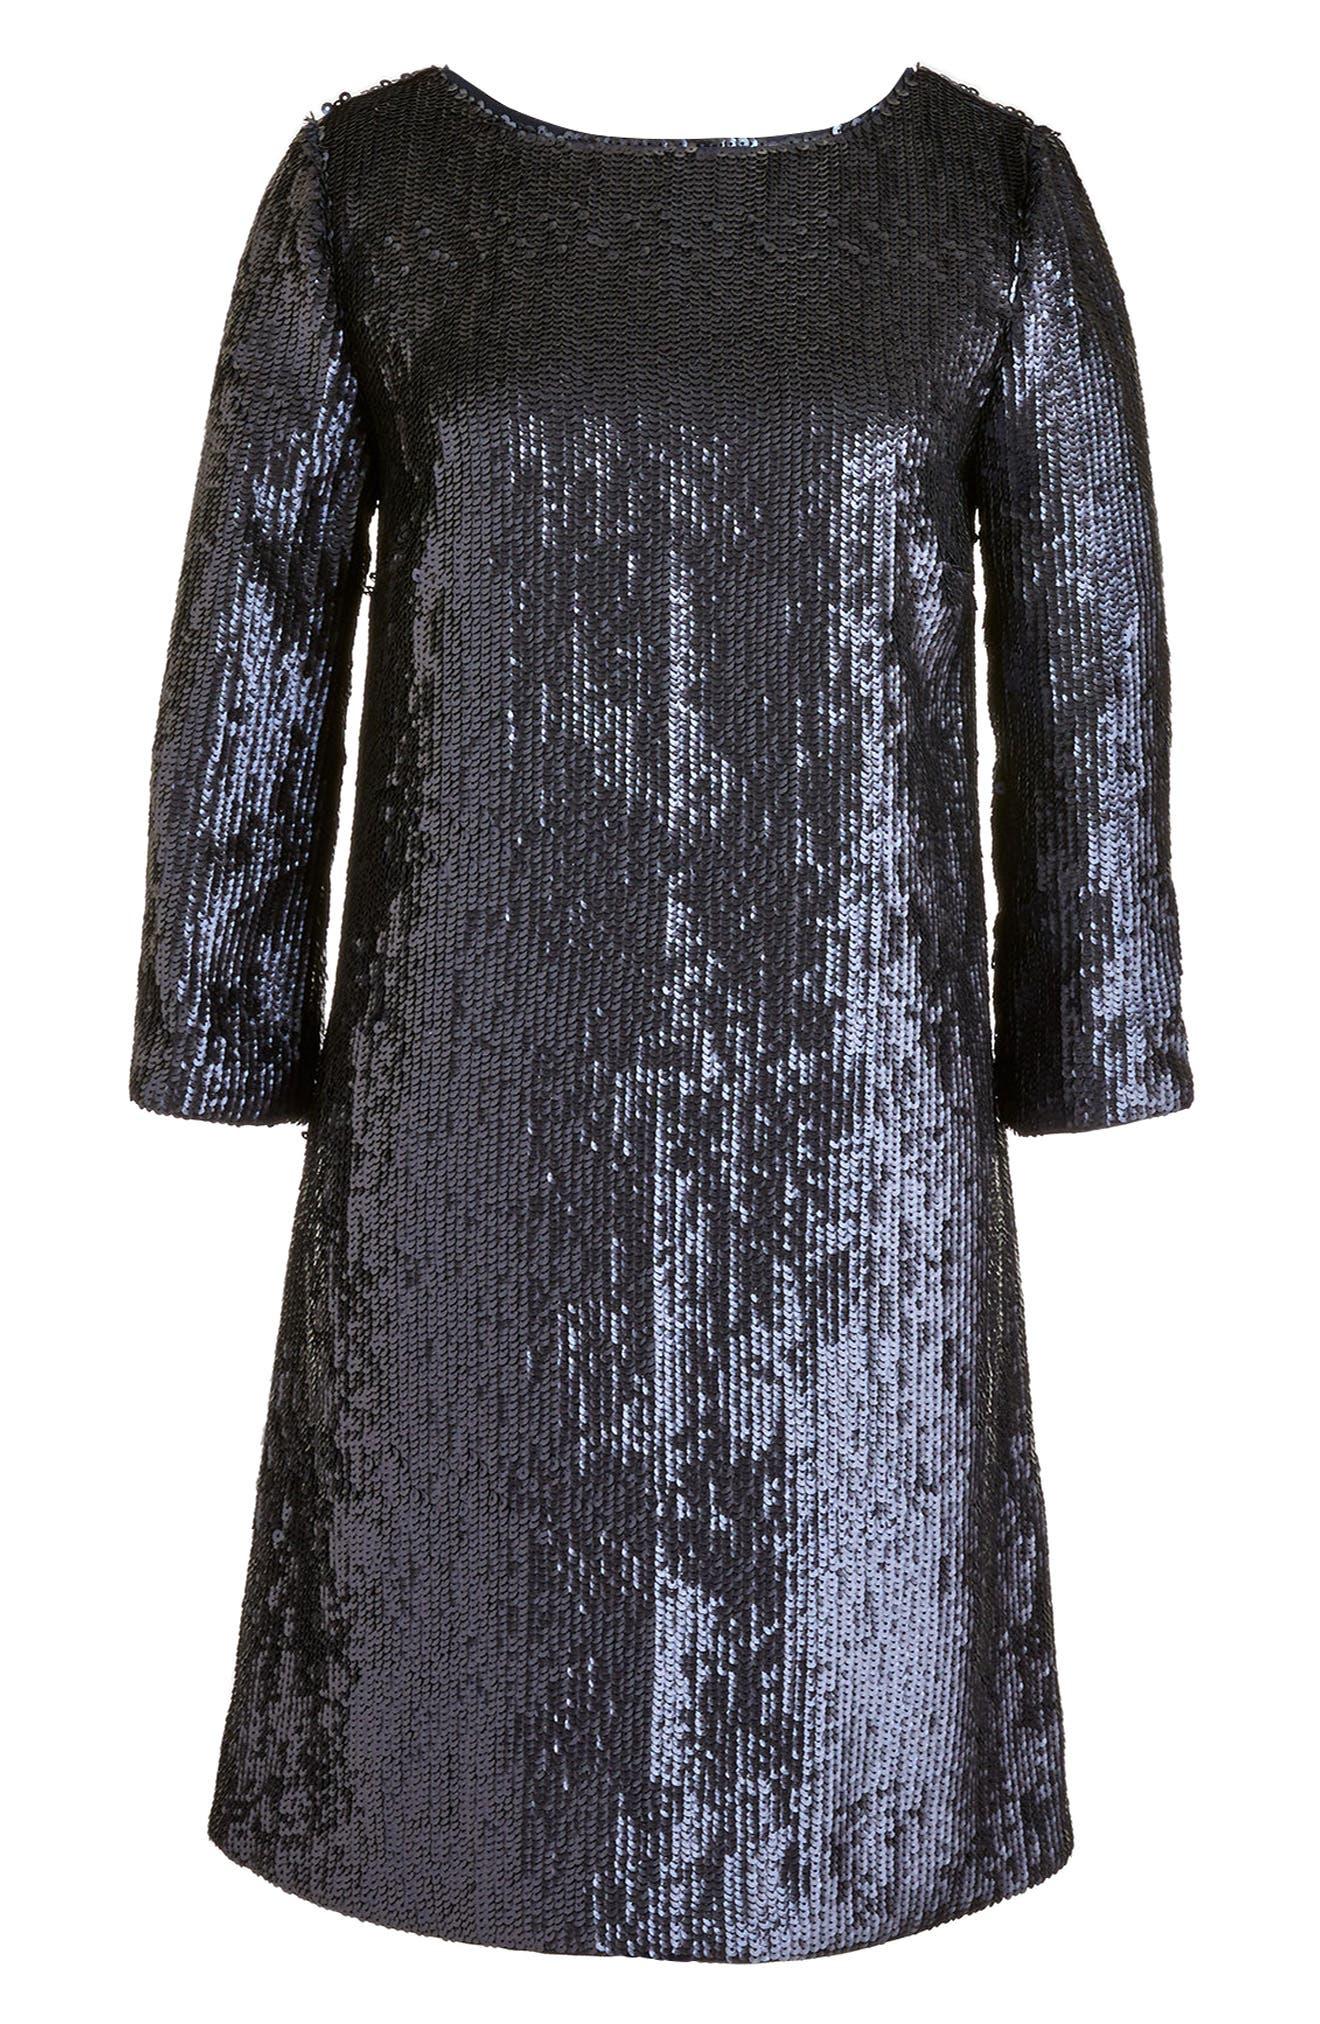 J.Crew V-Back Sequin Dress,                             Alternate thumbnail 4, color,                             Navy